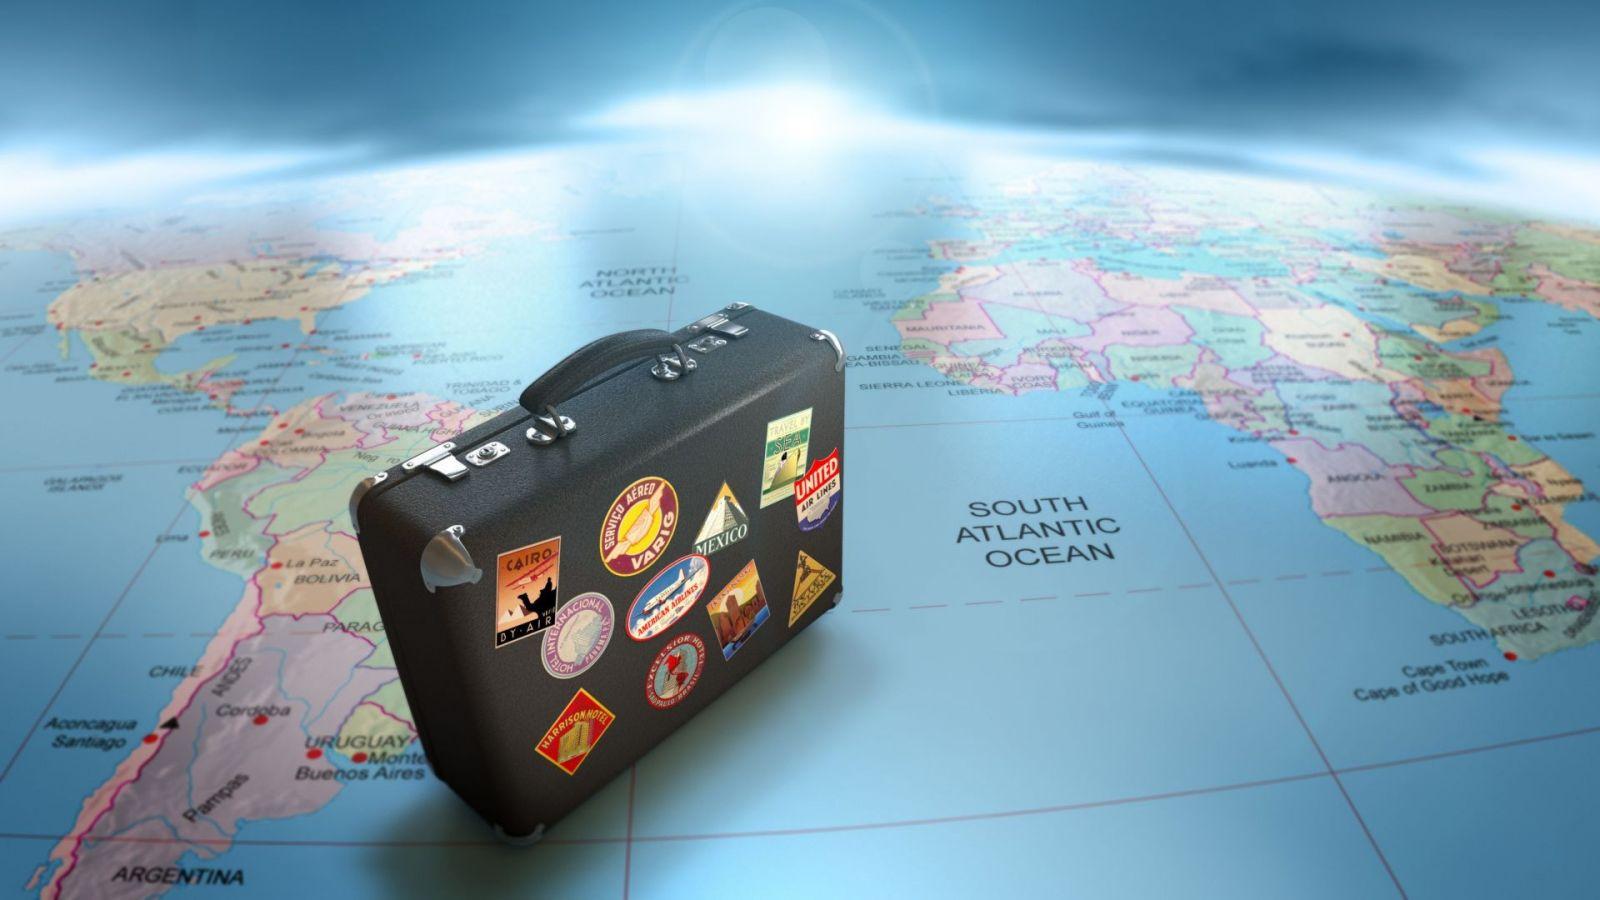 Programa de fidelidade Livelo permite trocar milhas por passagens aéreas diretamente do seu site